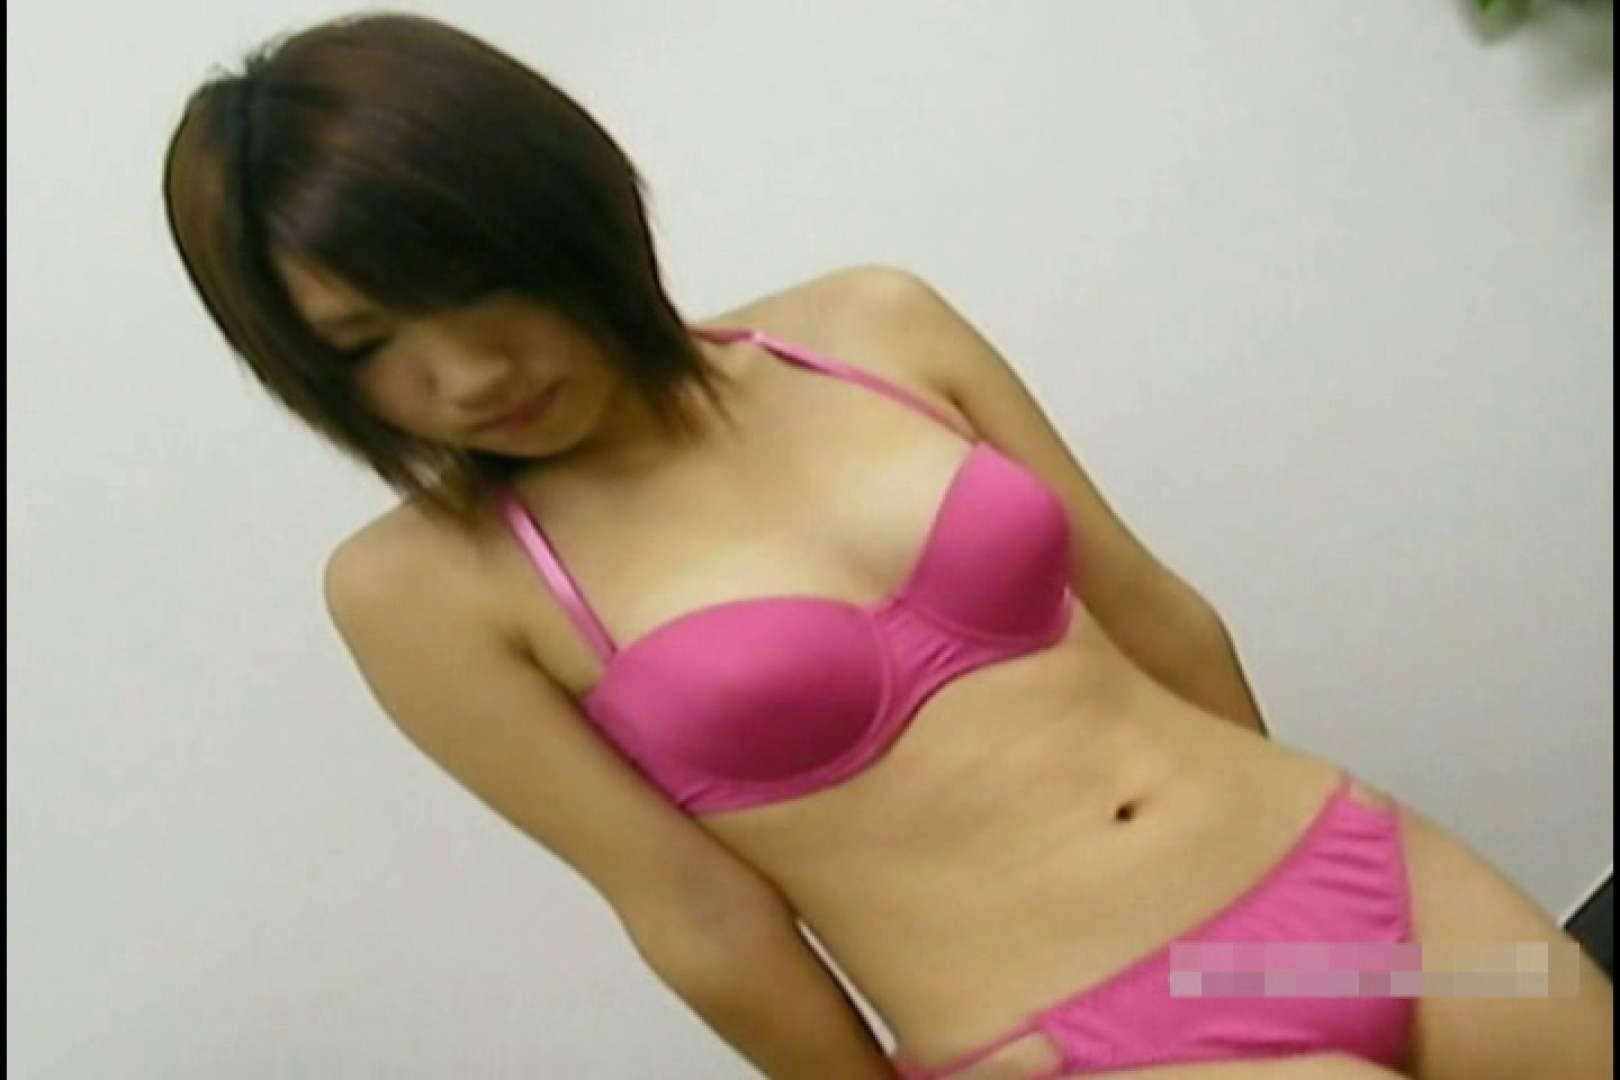 素人撮影 下着だけの撮影のはずが・・・れみ18歳 盗撮 アダルト動画キャプチャ 84連発 29